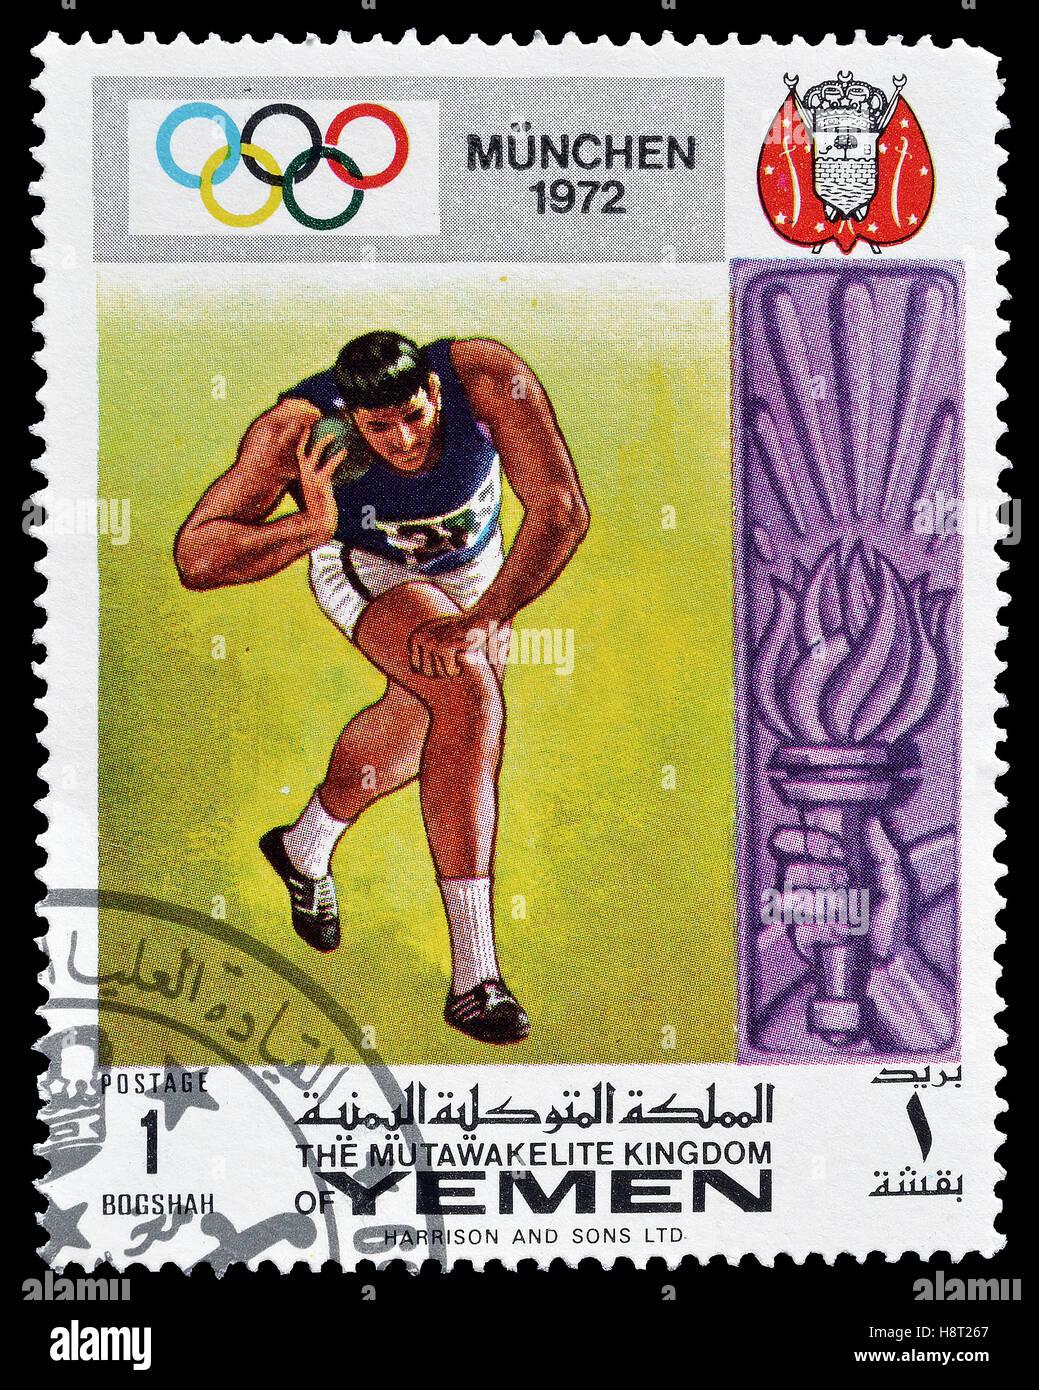 Yemen stamp 1972 - Stock Image